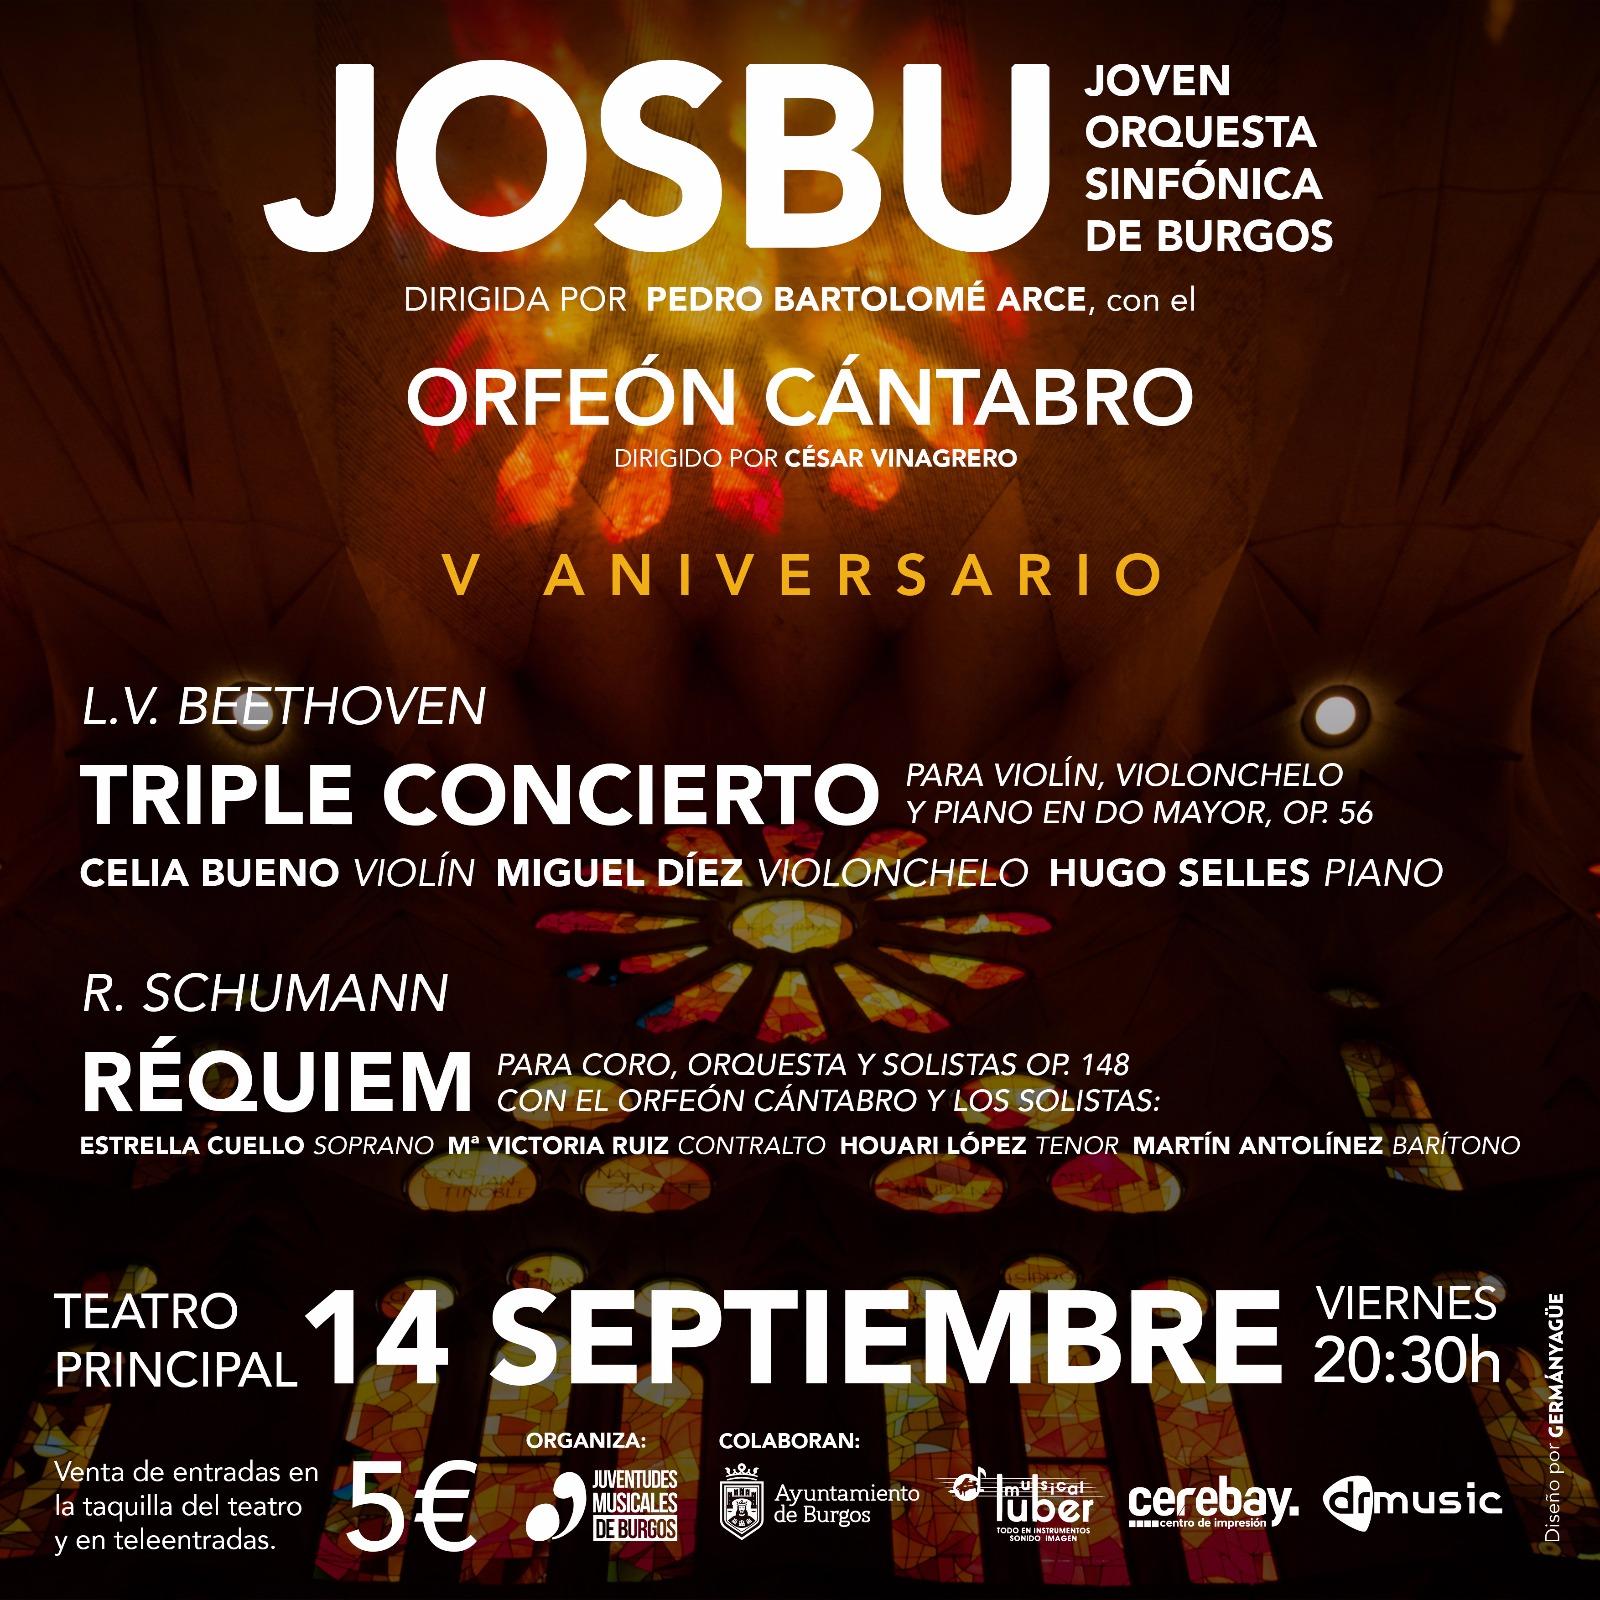 JOSBU 18-4 Burgos